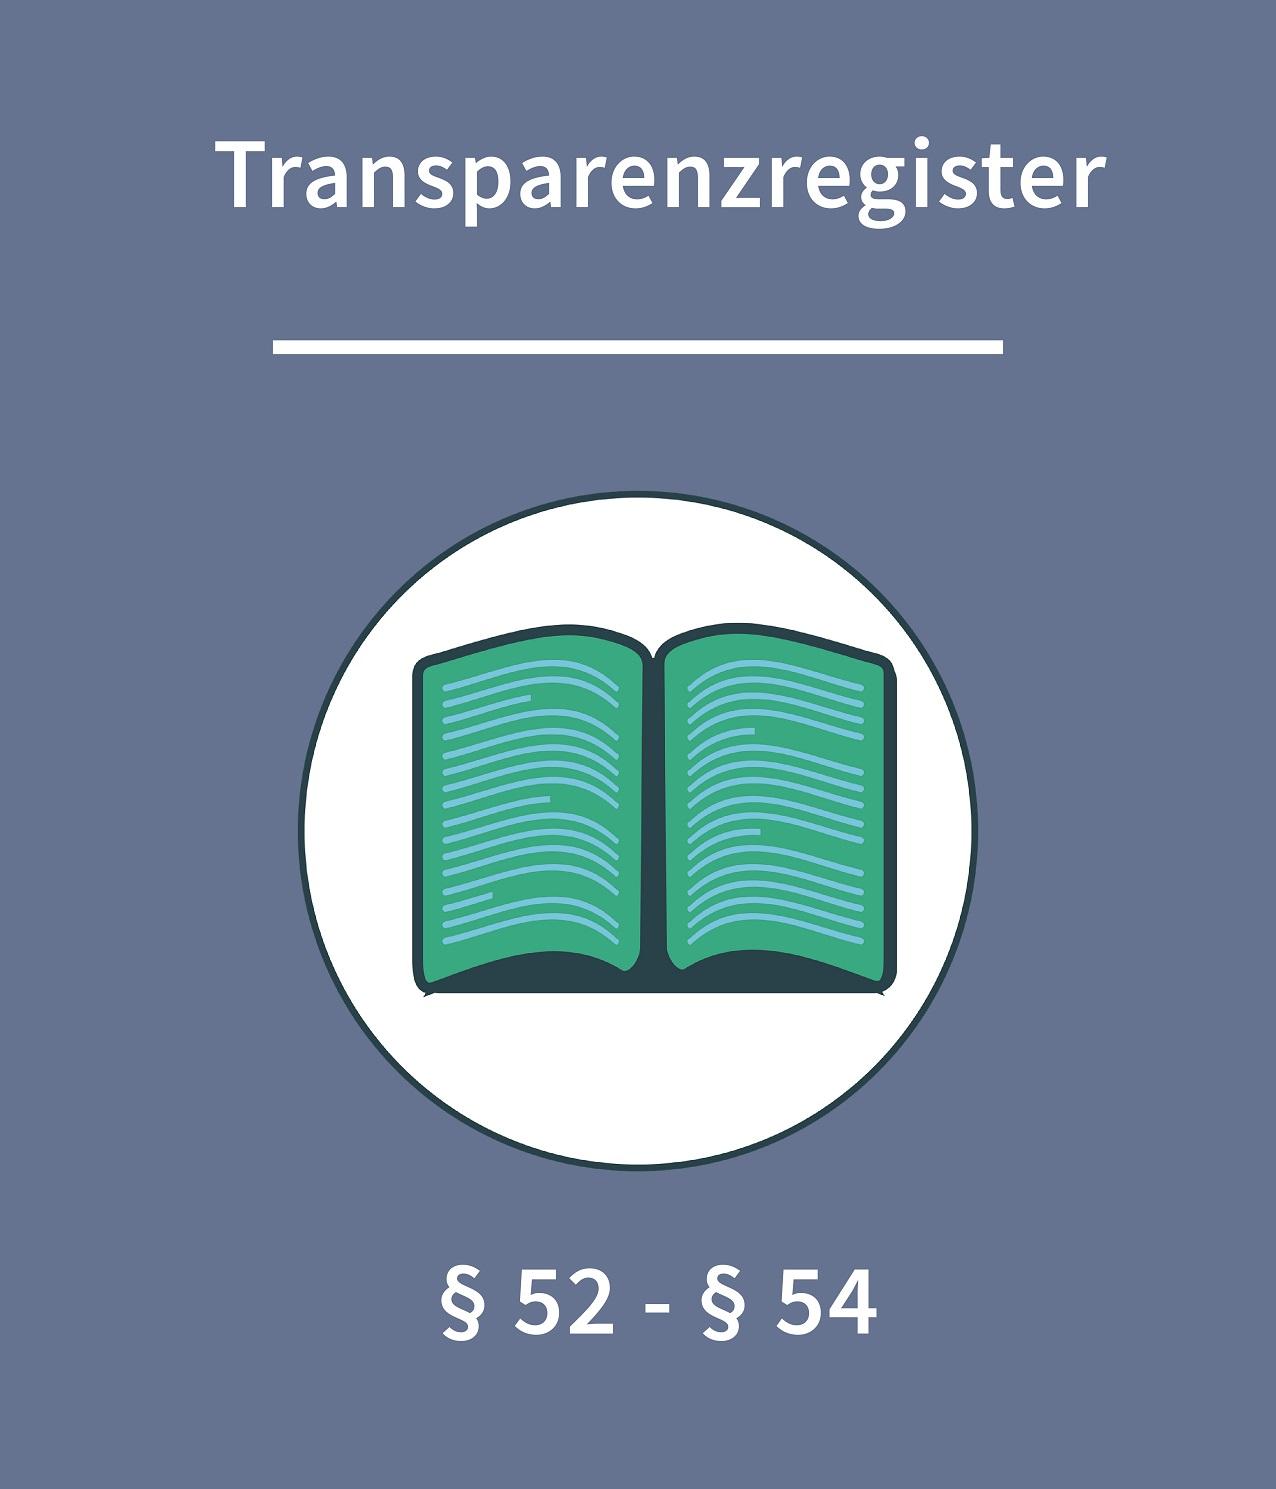 Transparenzregister: Lösung zu Gebühren-befreiung und Eintragungspflicht